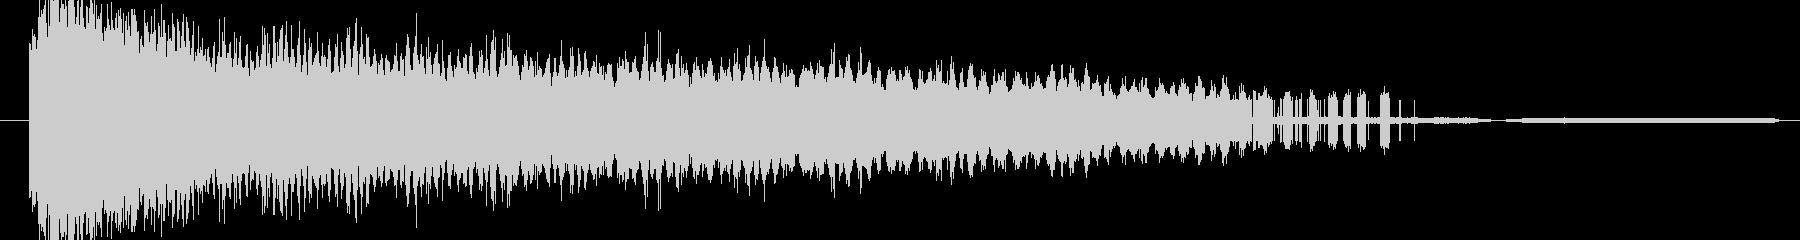 ディストーションスイープバージョン2の未再生の波形